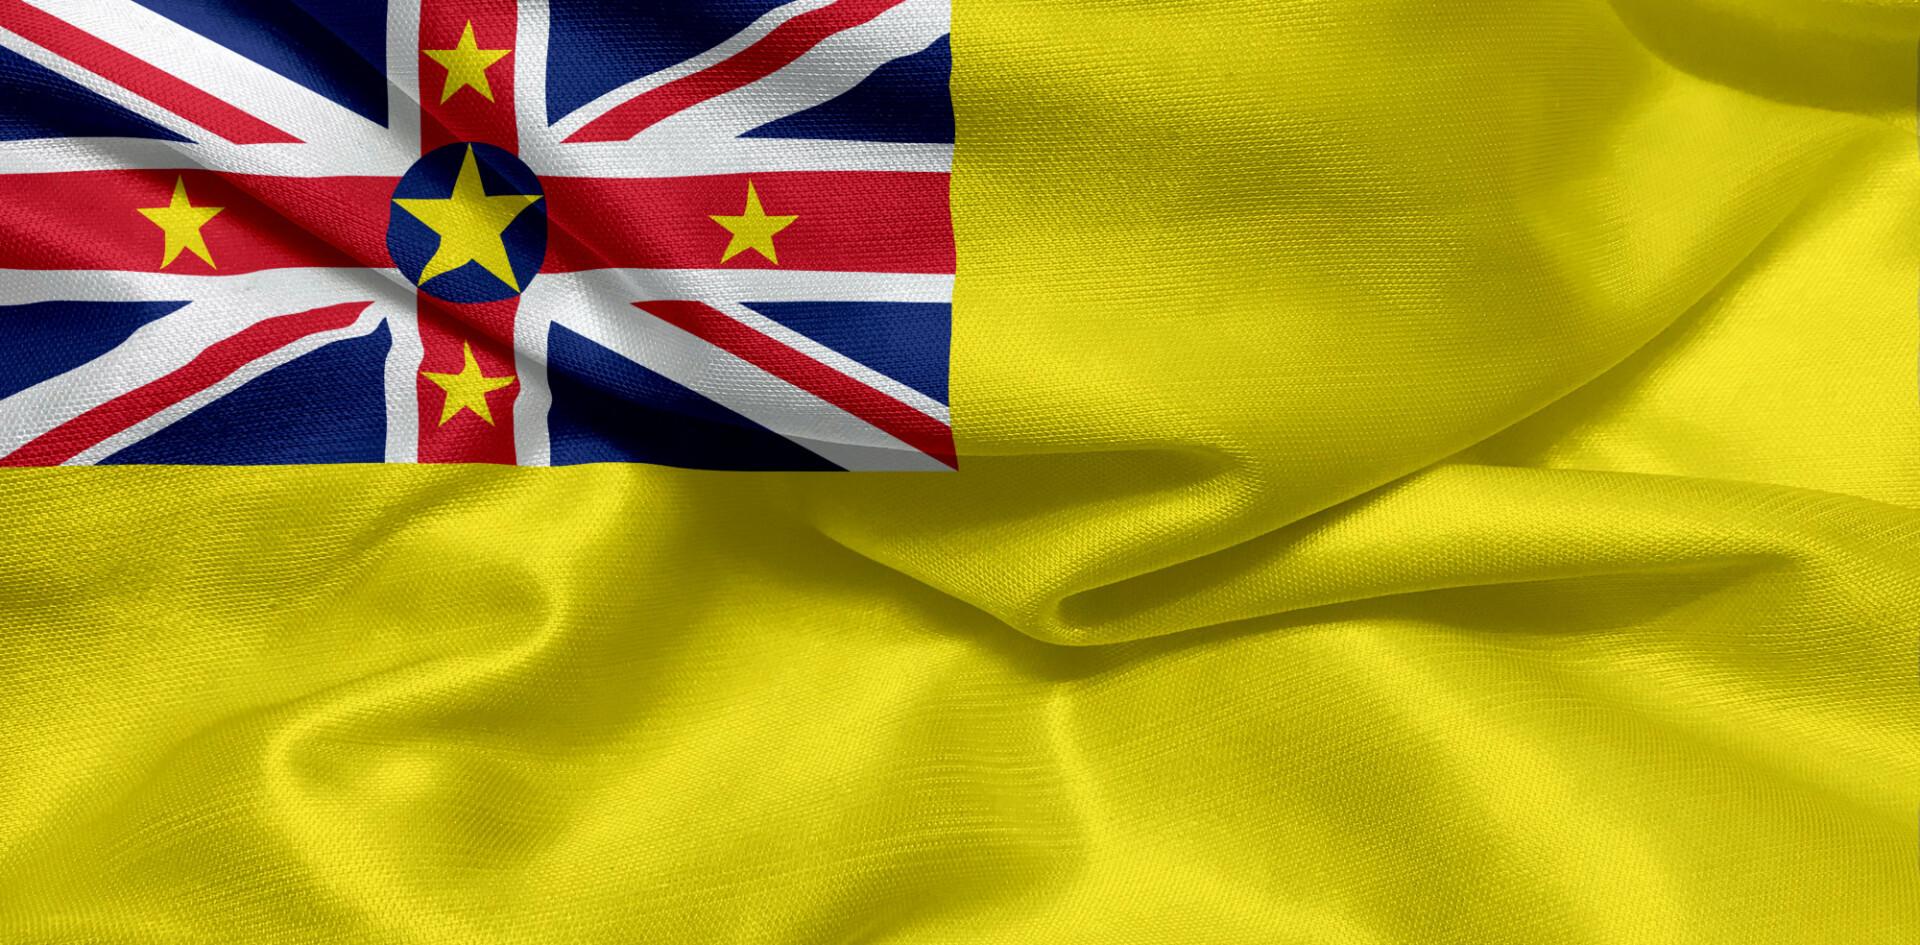 Flag of Niue (New Zealand)